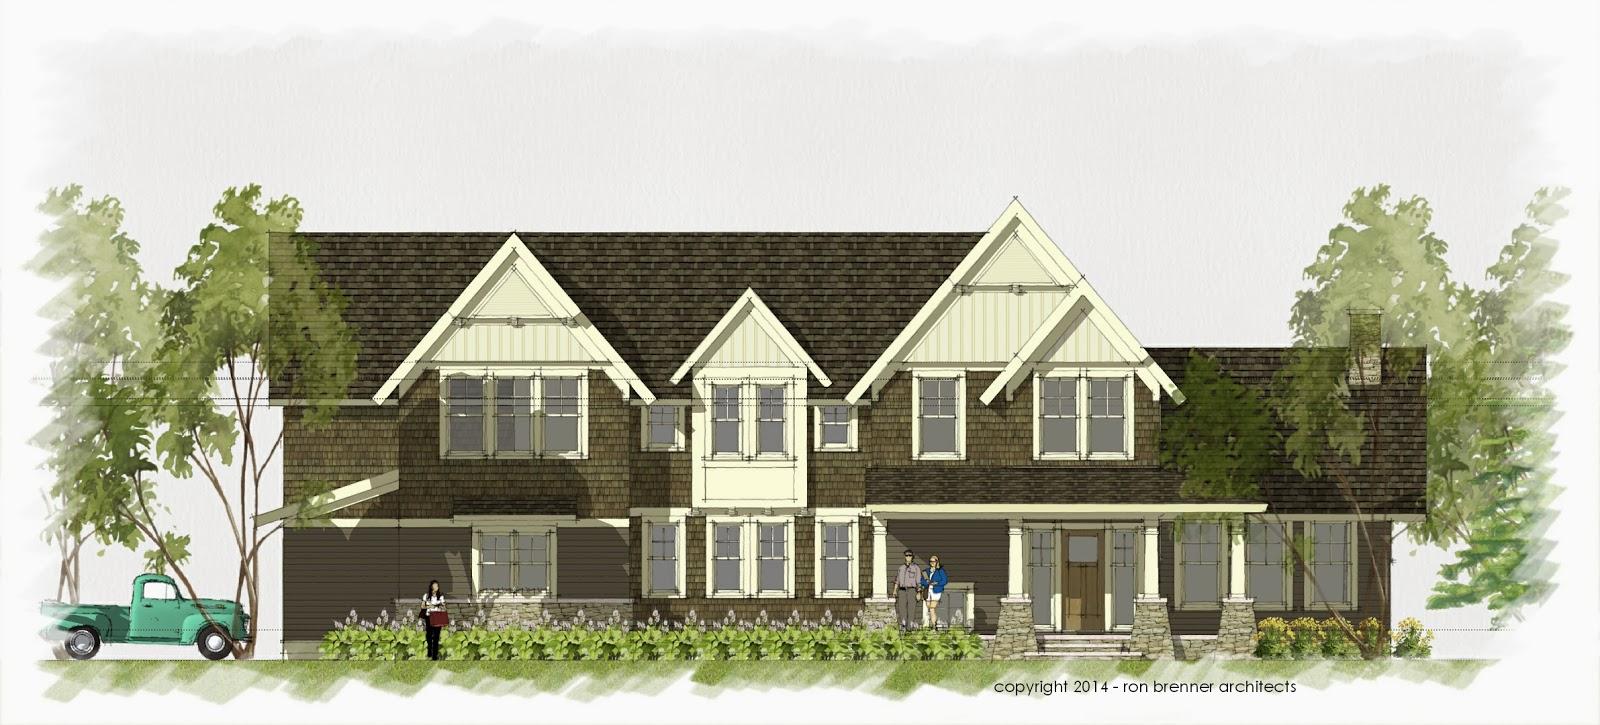 Simply elegant home designs blog for Simply elegant home designs